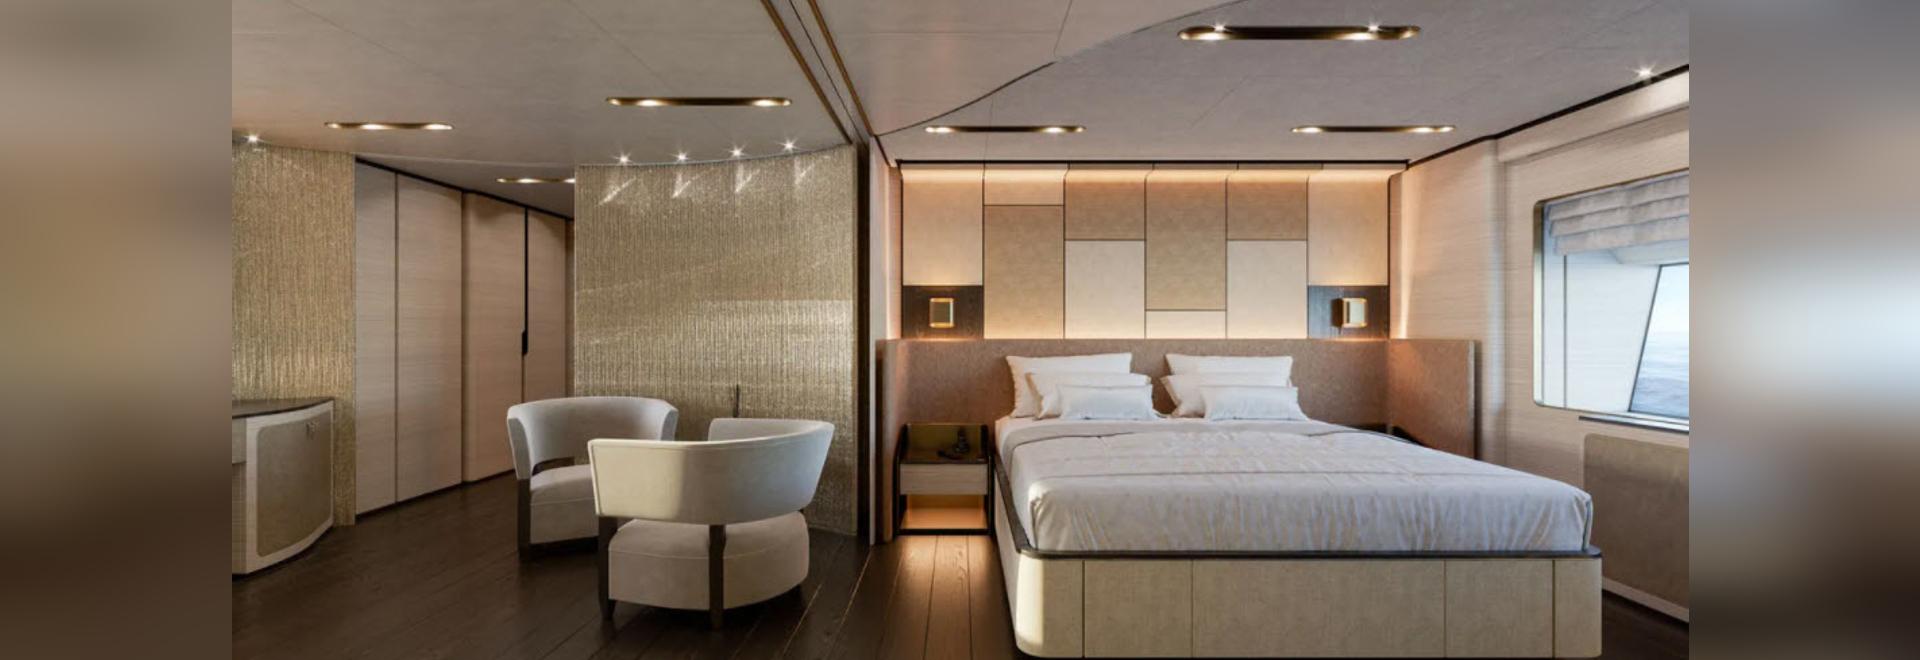 Baglietto enthüllt das Innere des 48 Meter langen Rumpfes der T-Line Superyacht 10233